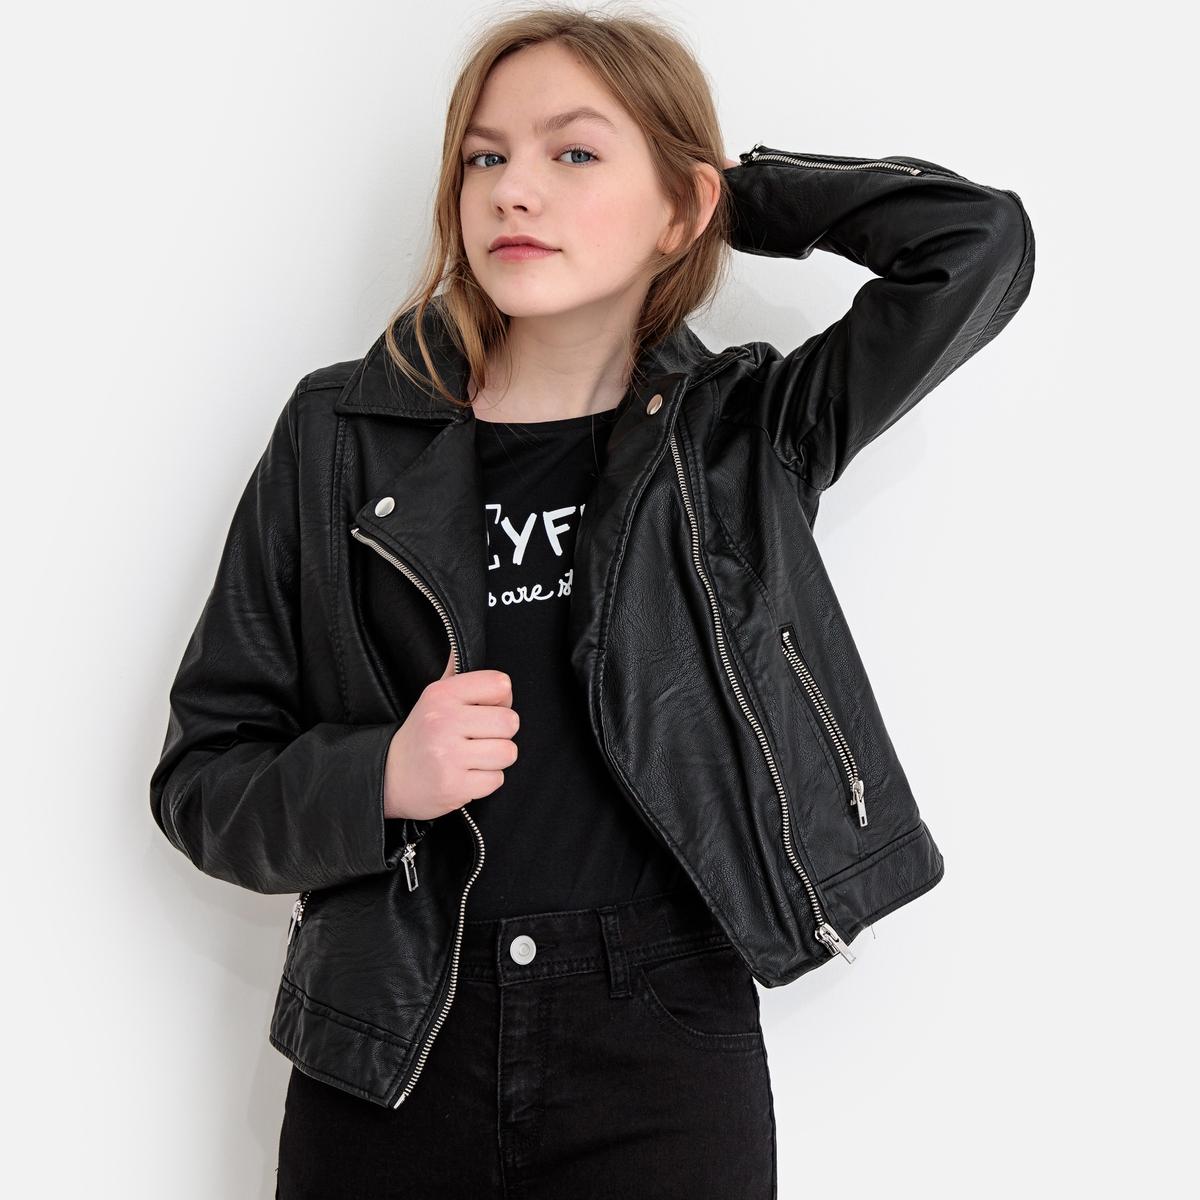 цена Куртка La Redoute В байкерском стиле 16 лет - 162 см черный онлайн в 2017 году